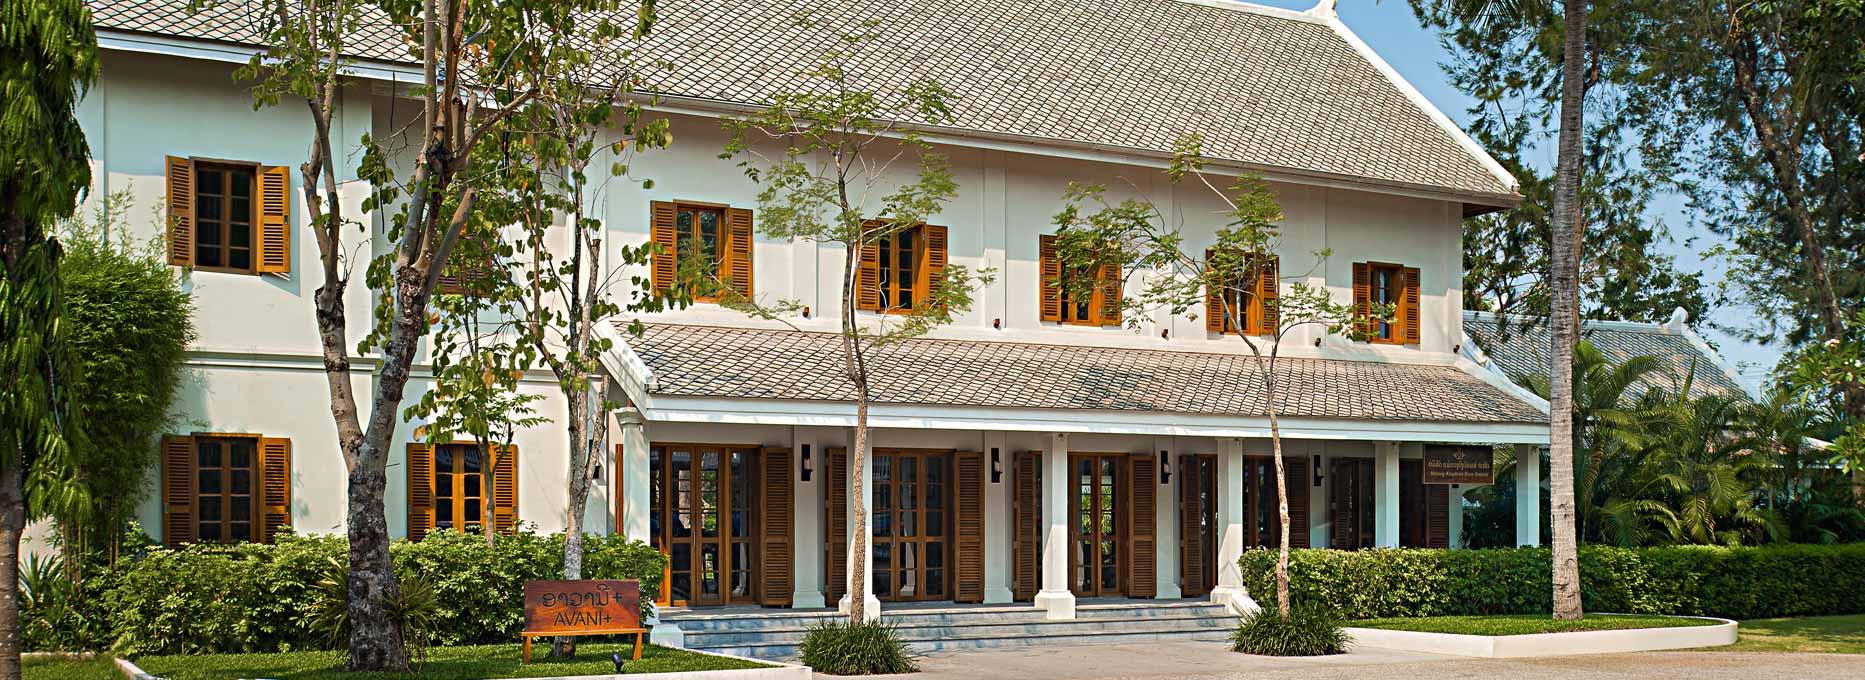 Avani Luang Prabang Hotel